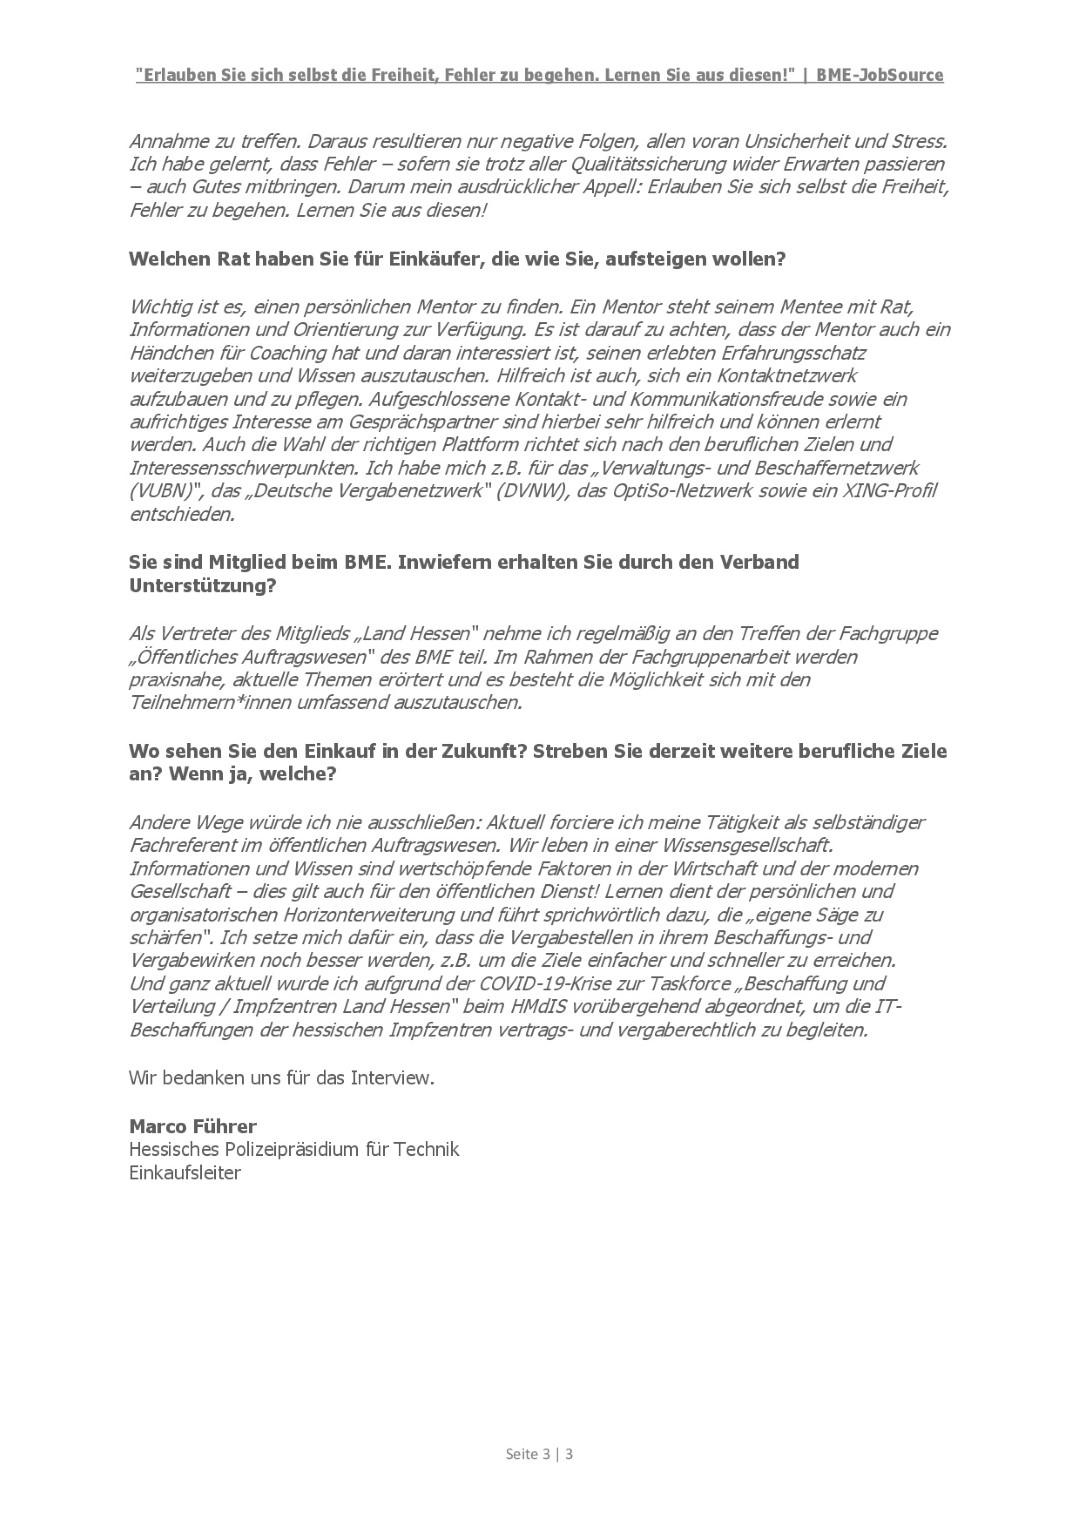 BME-JobSource - Interview Marco Führer, HPT - Seite 3